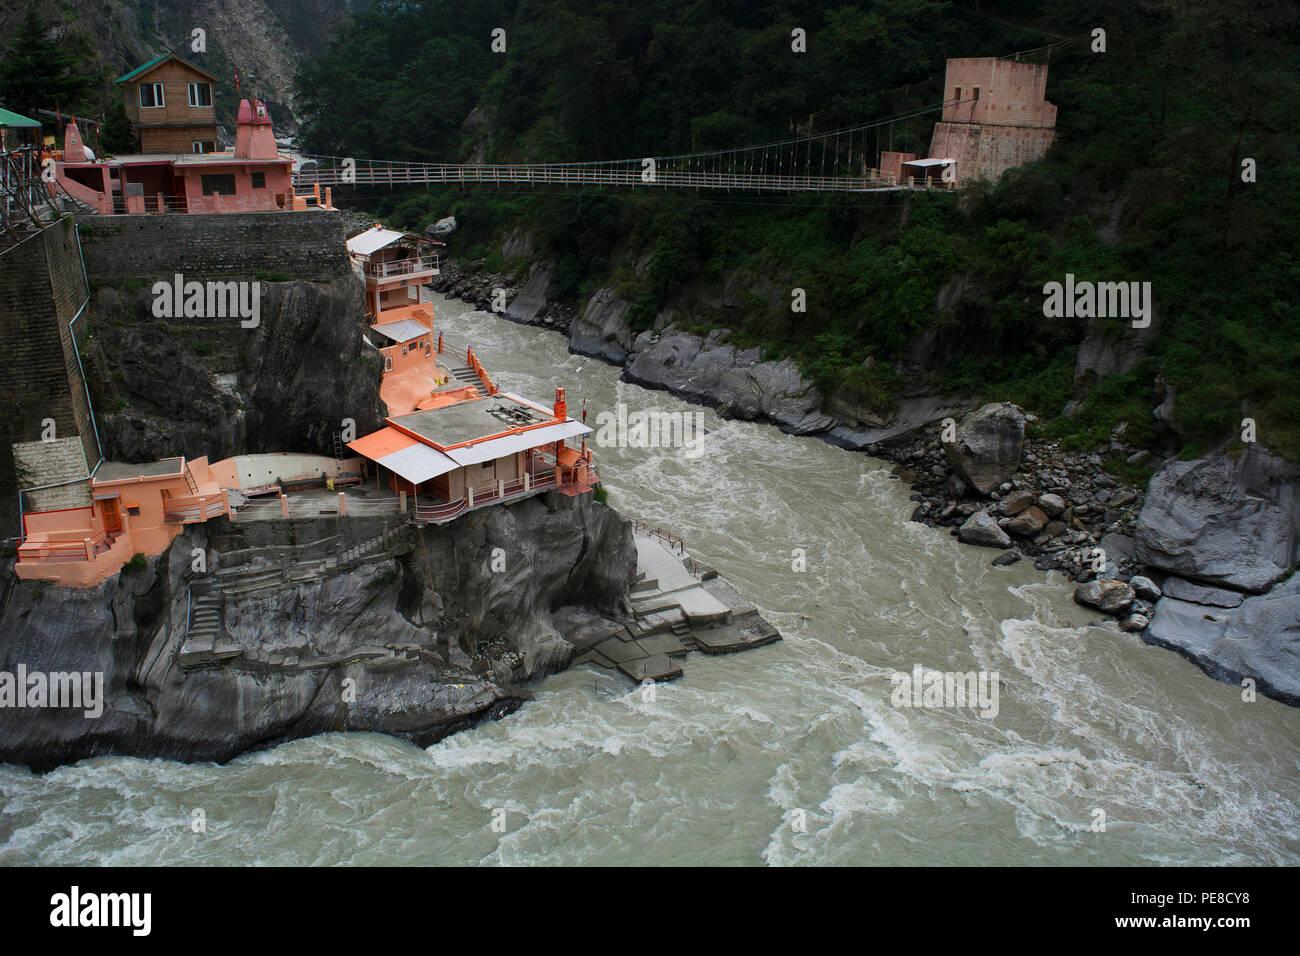 Vishnuprayag ciudad en una elevación de 1372 m conocida por sus ashrams sagrados y templos, Chamoli distrito Uttarakhand, India. Foto de stock